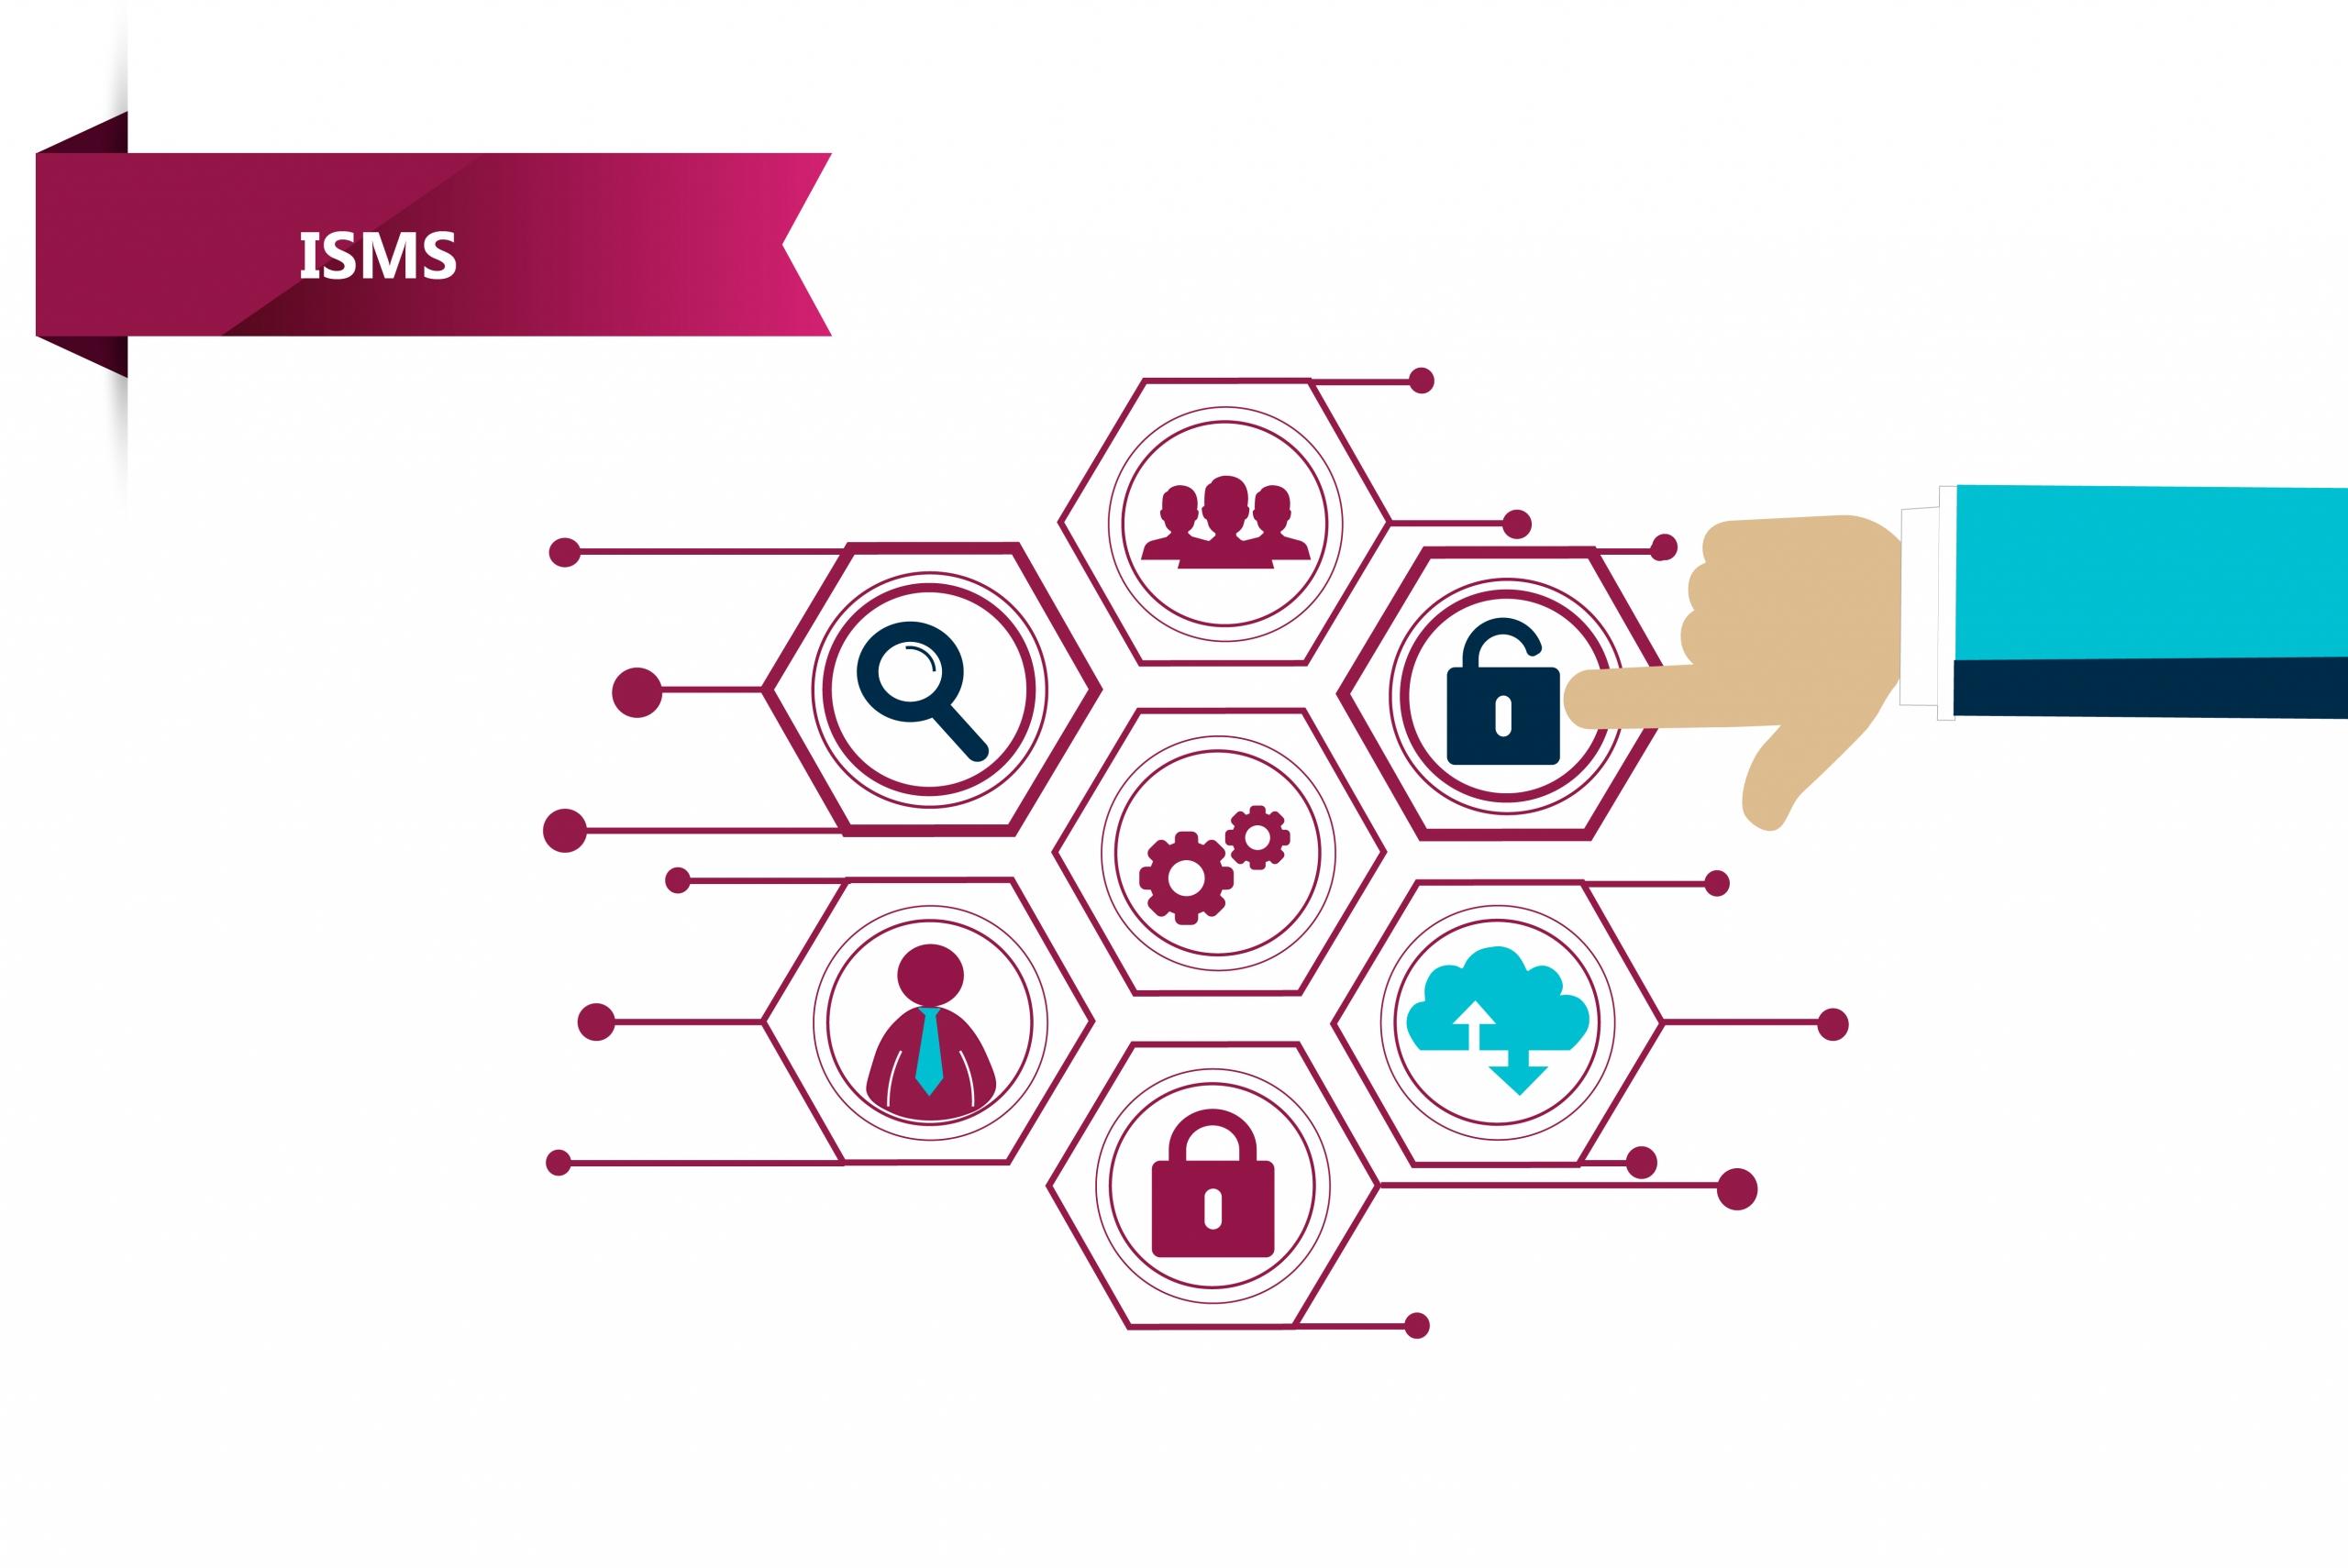 سیستم مدیریت امنیت اطلاعات(ISMS)